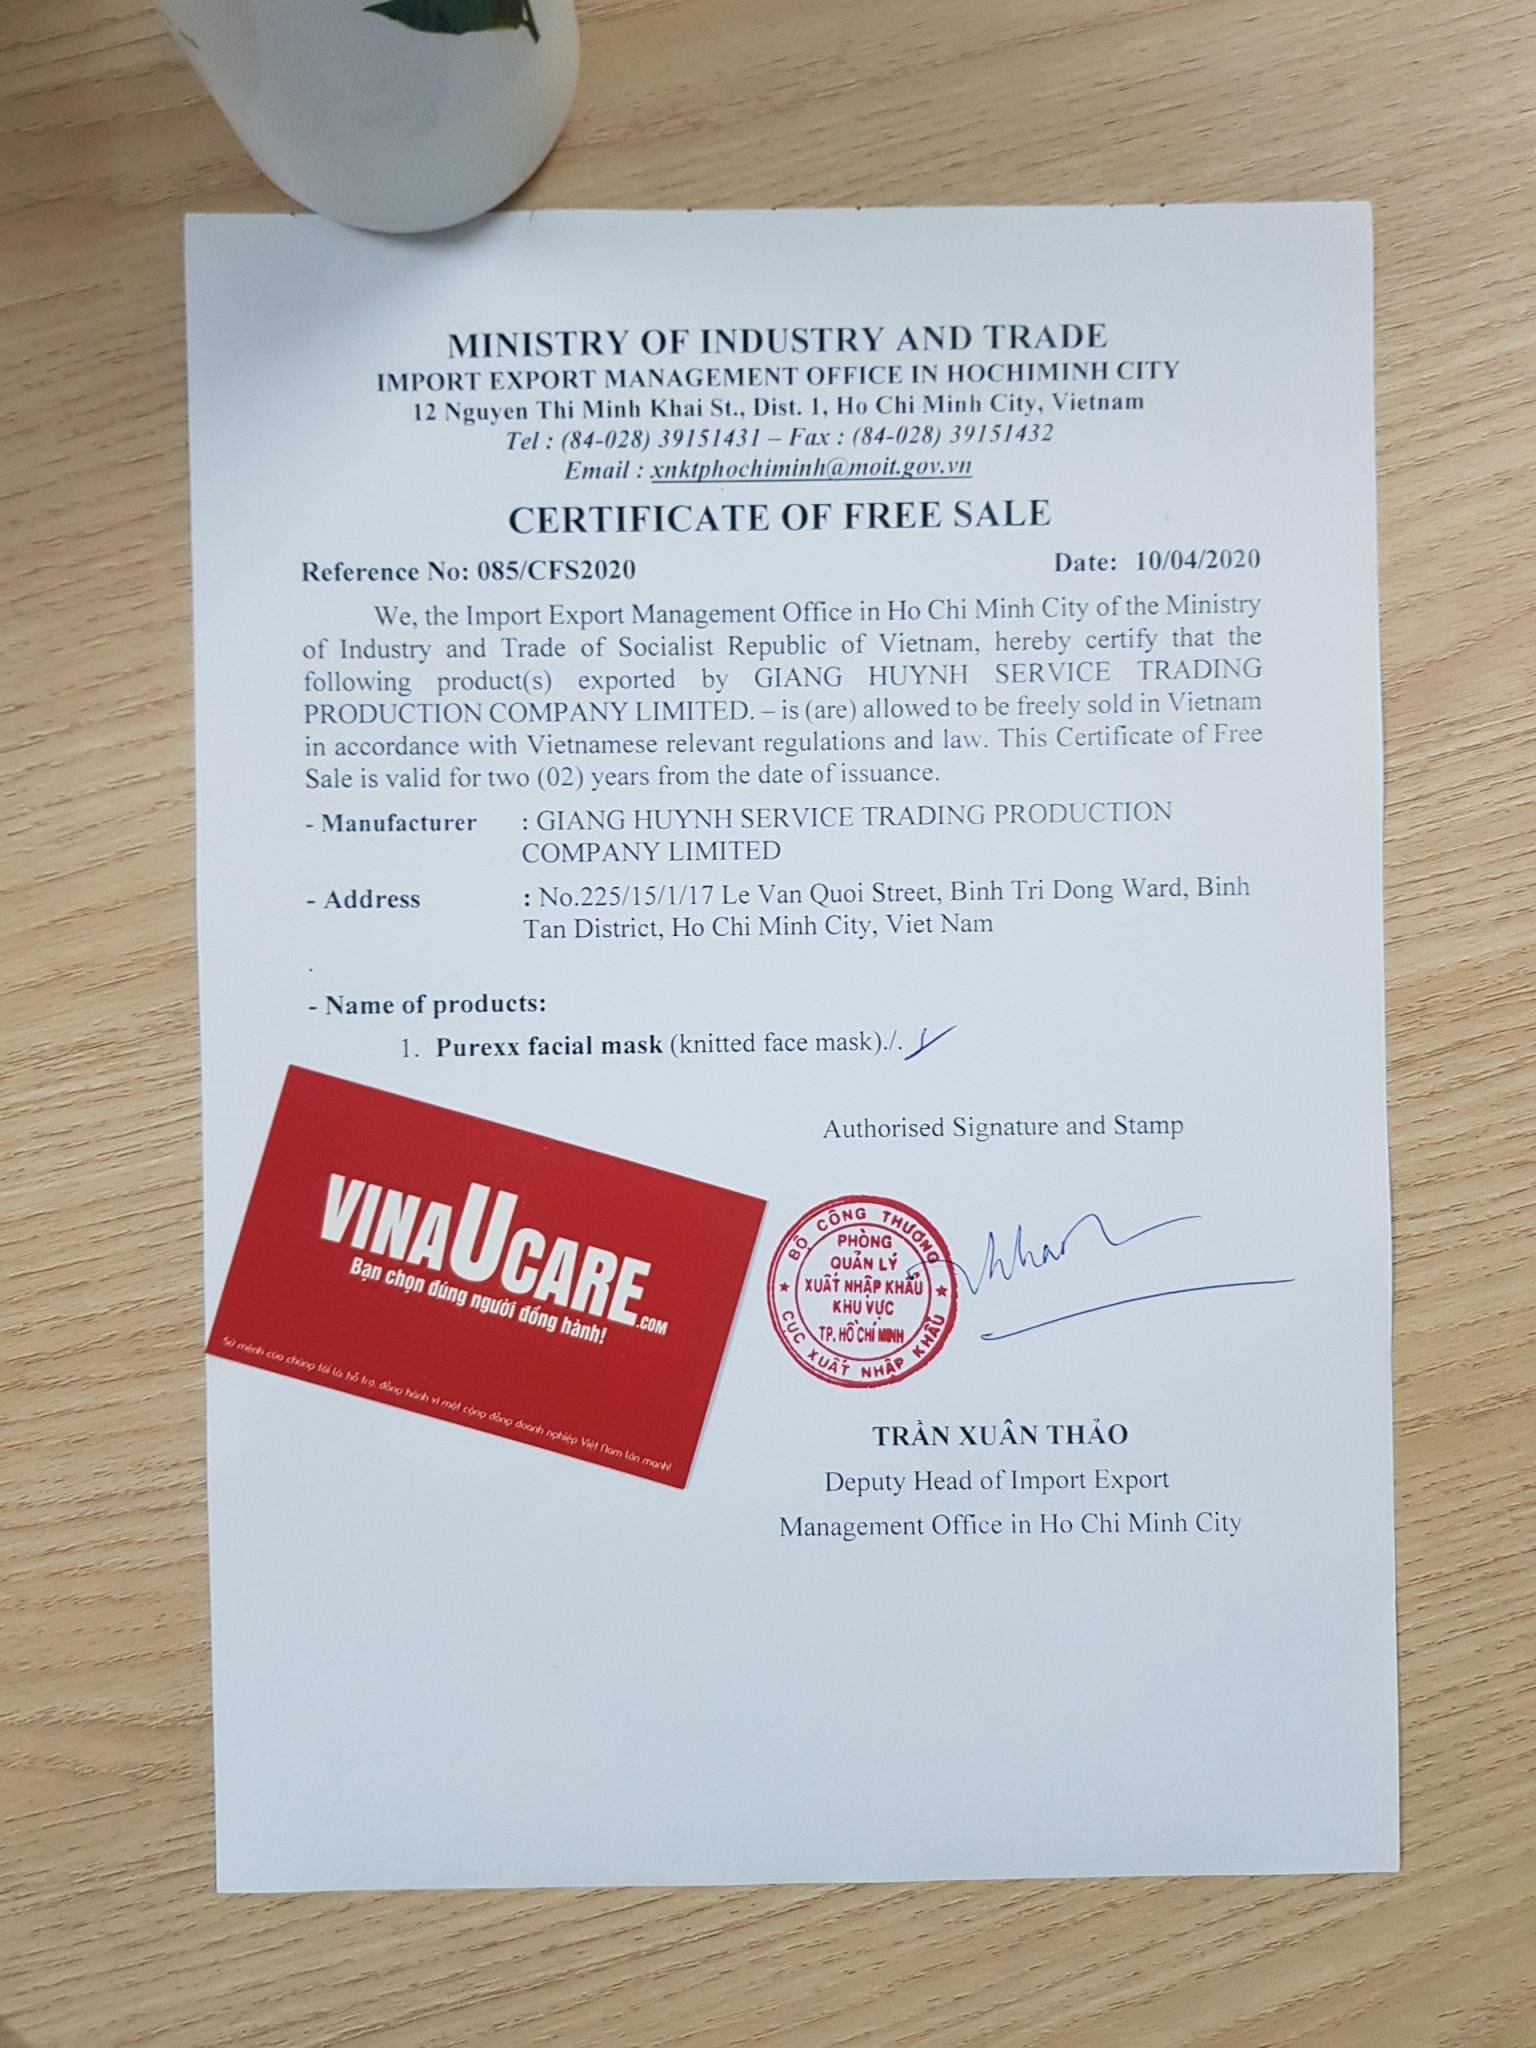 Đăng ký chứng nhận lưu hành tự do Hồng sấy dẻo